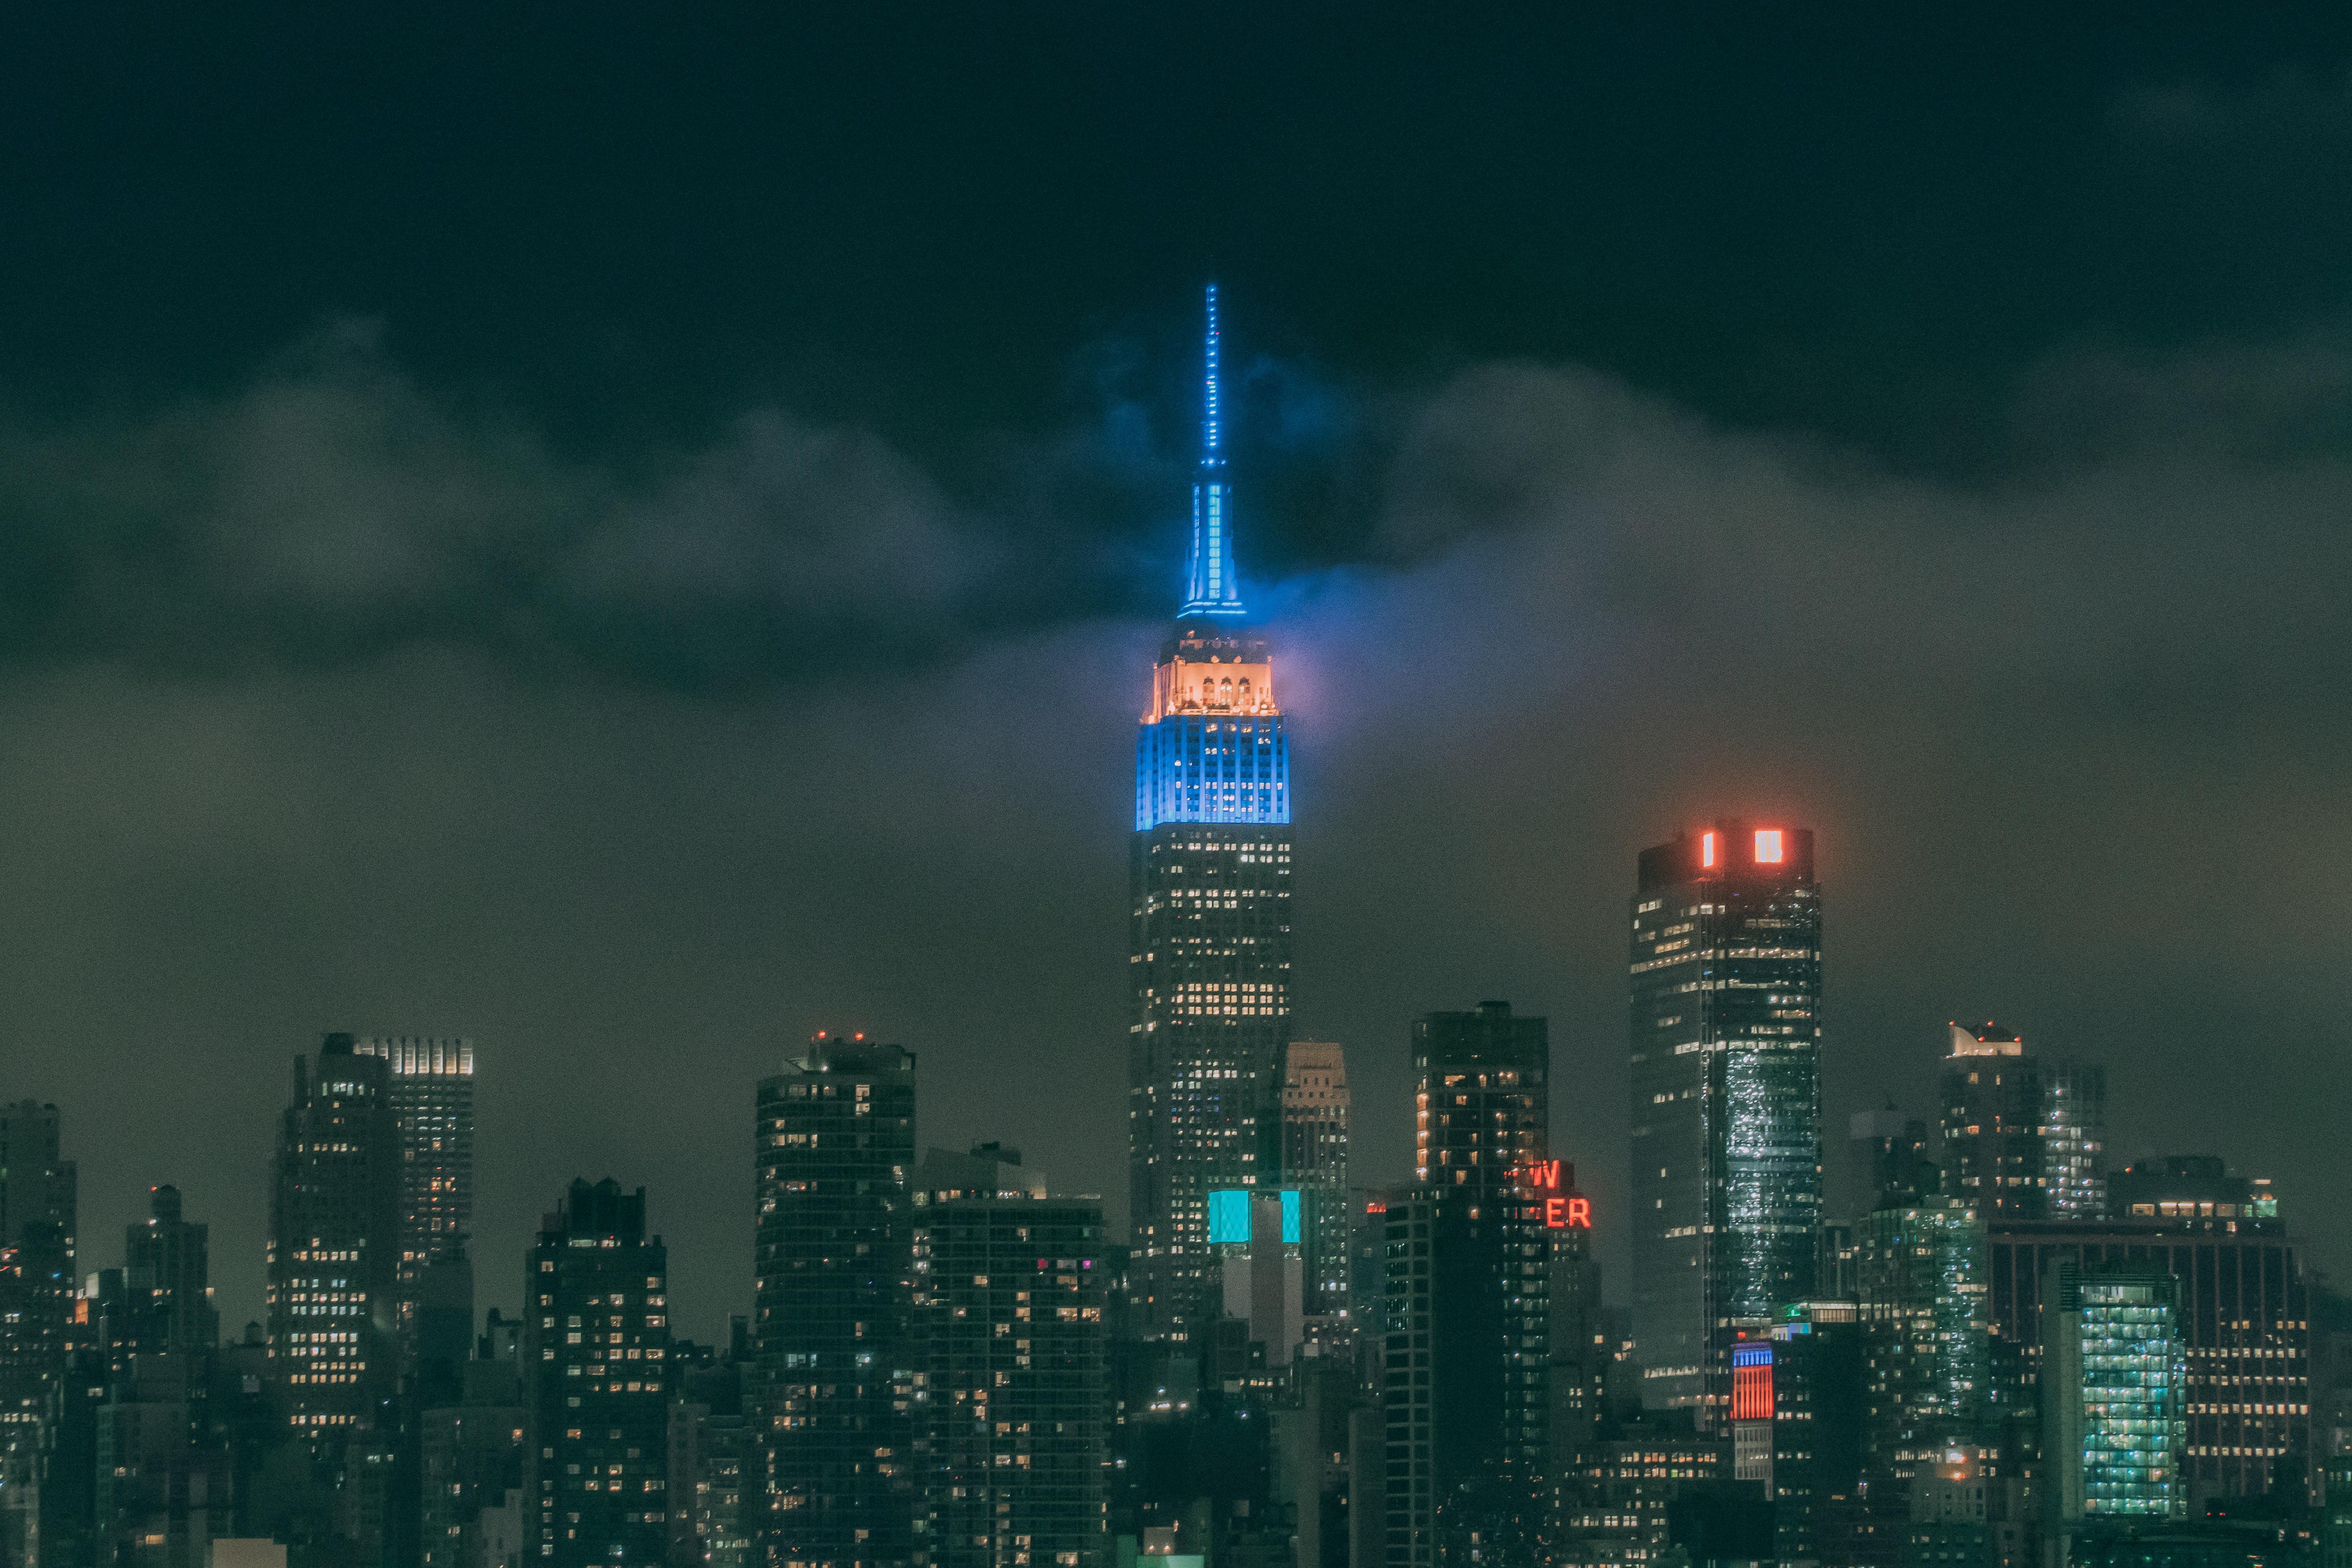 night cityscape building